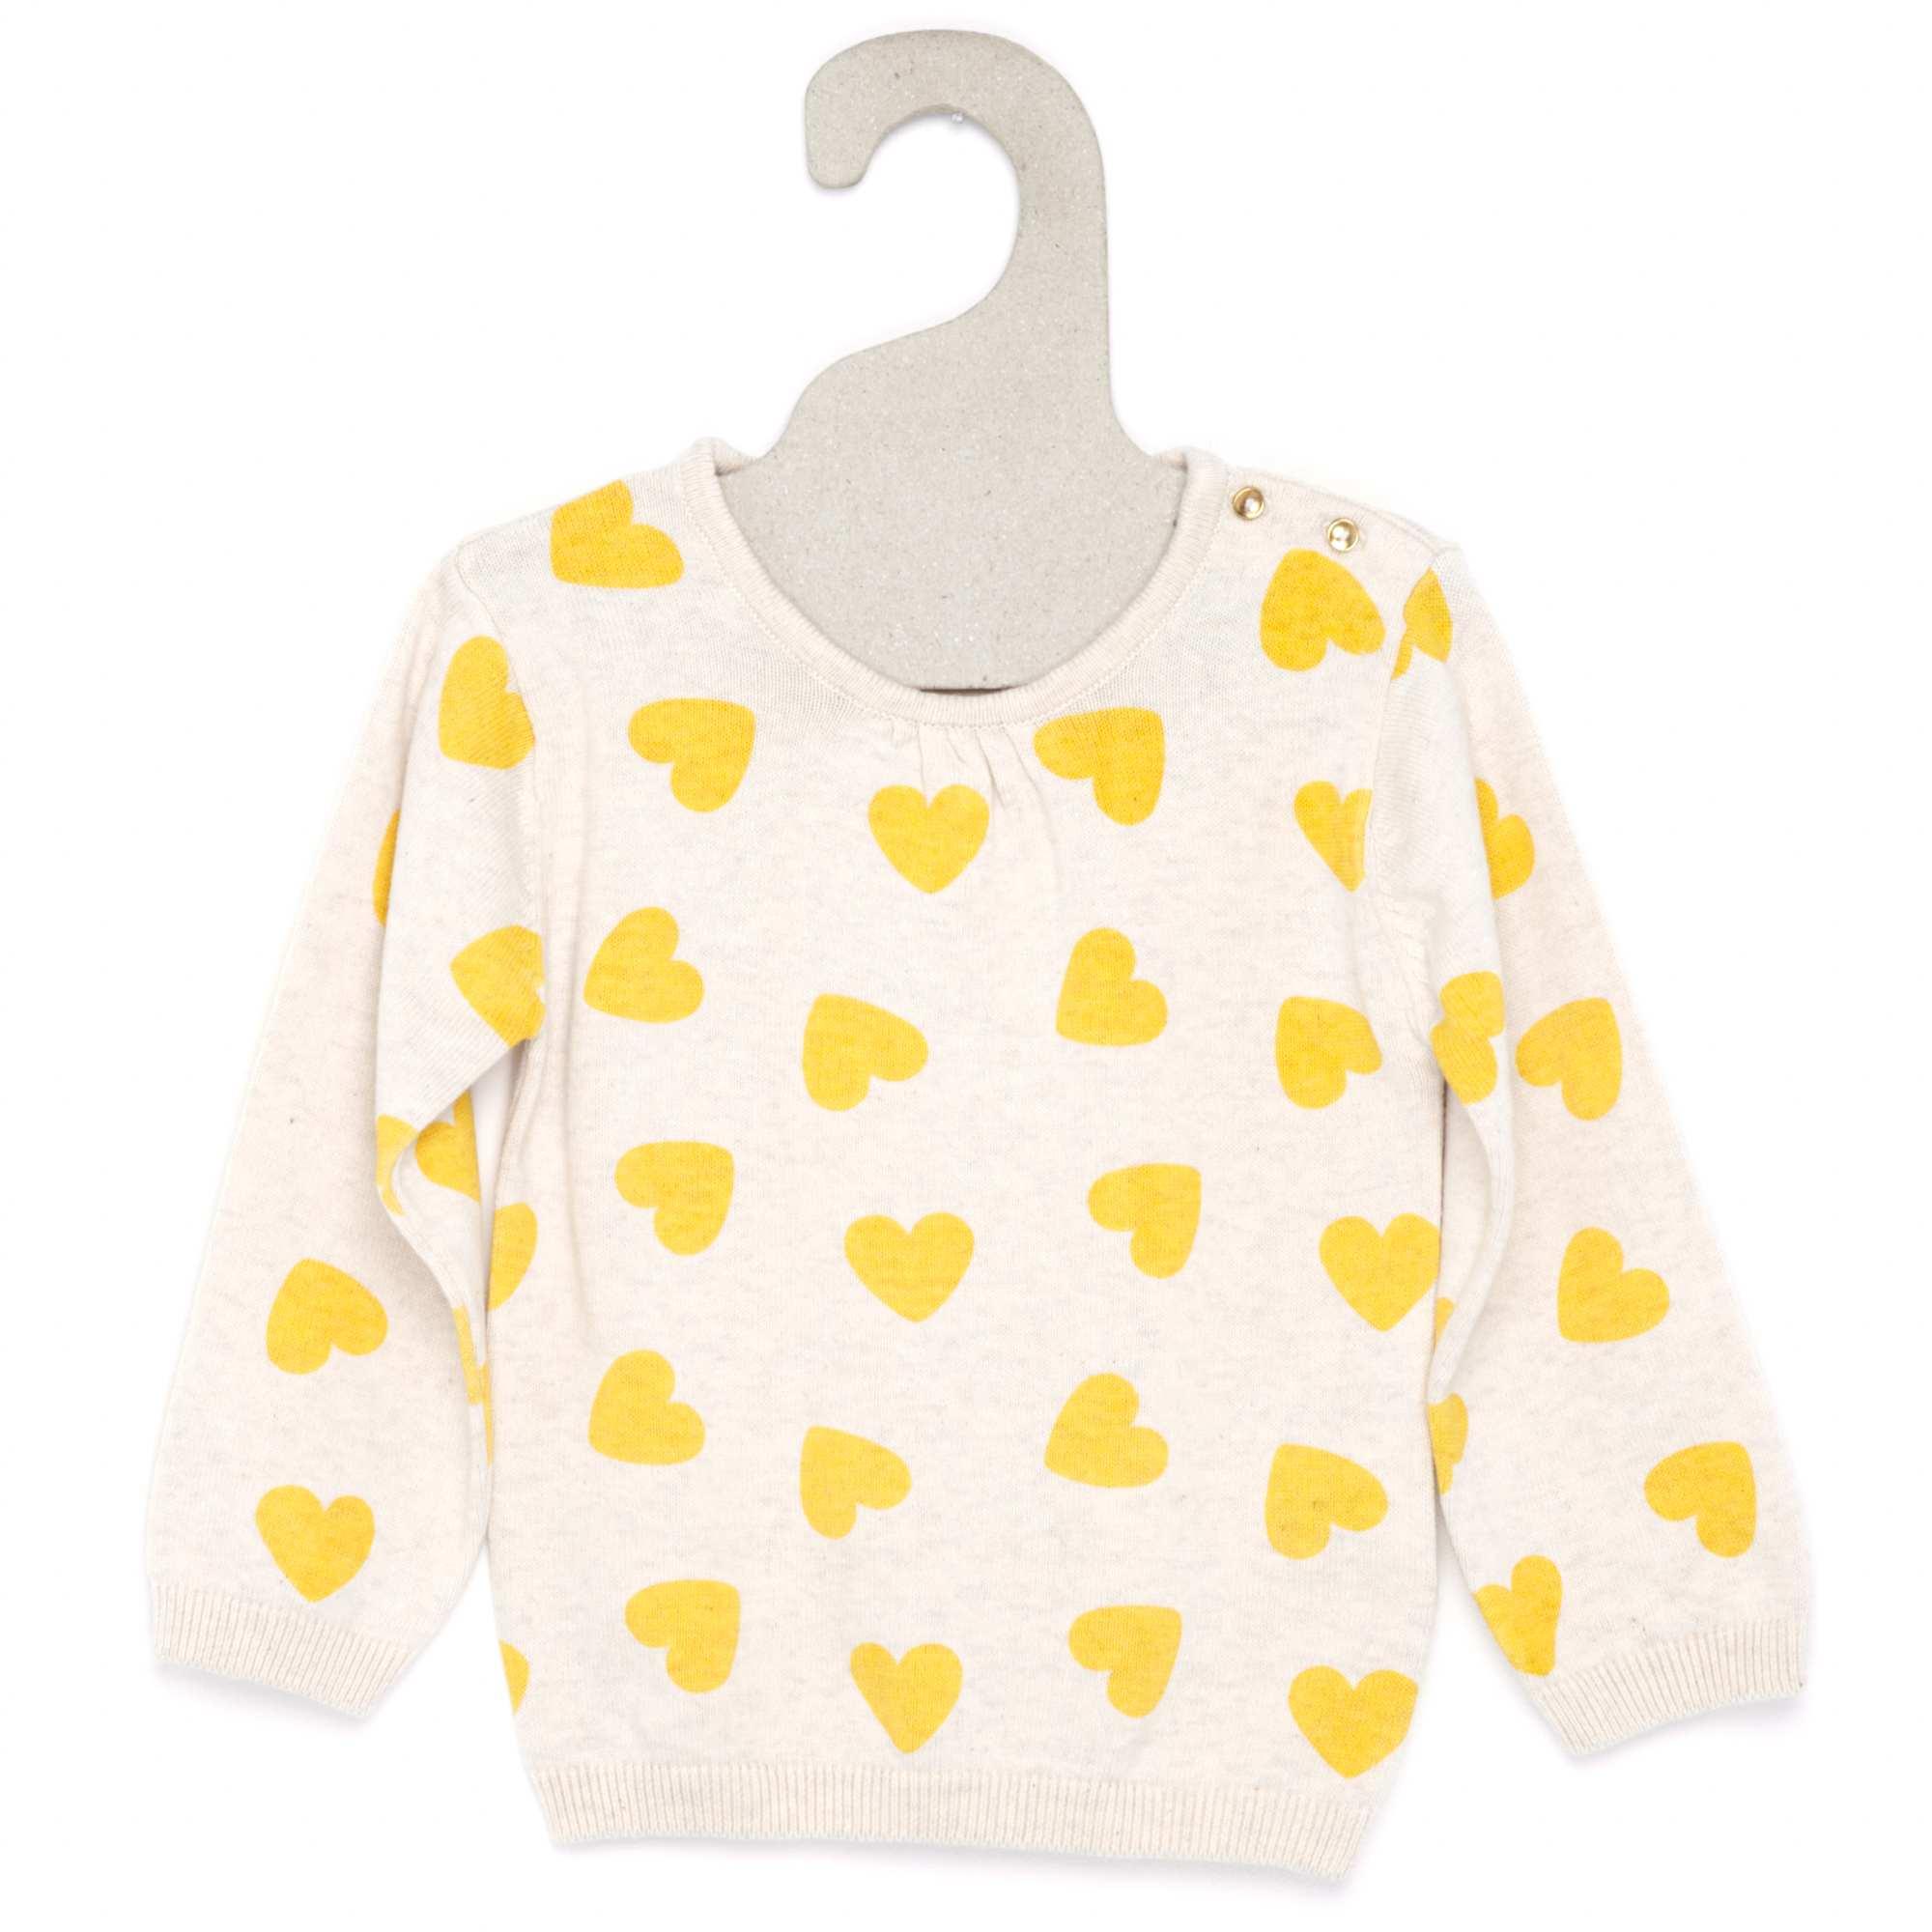 kiabi-bambina-pullover-stampa-cuori-giallo-bimba-ft733_1_zc1